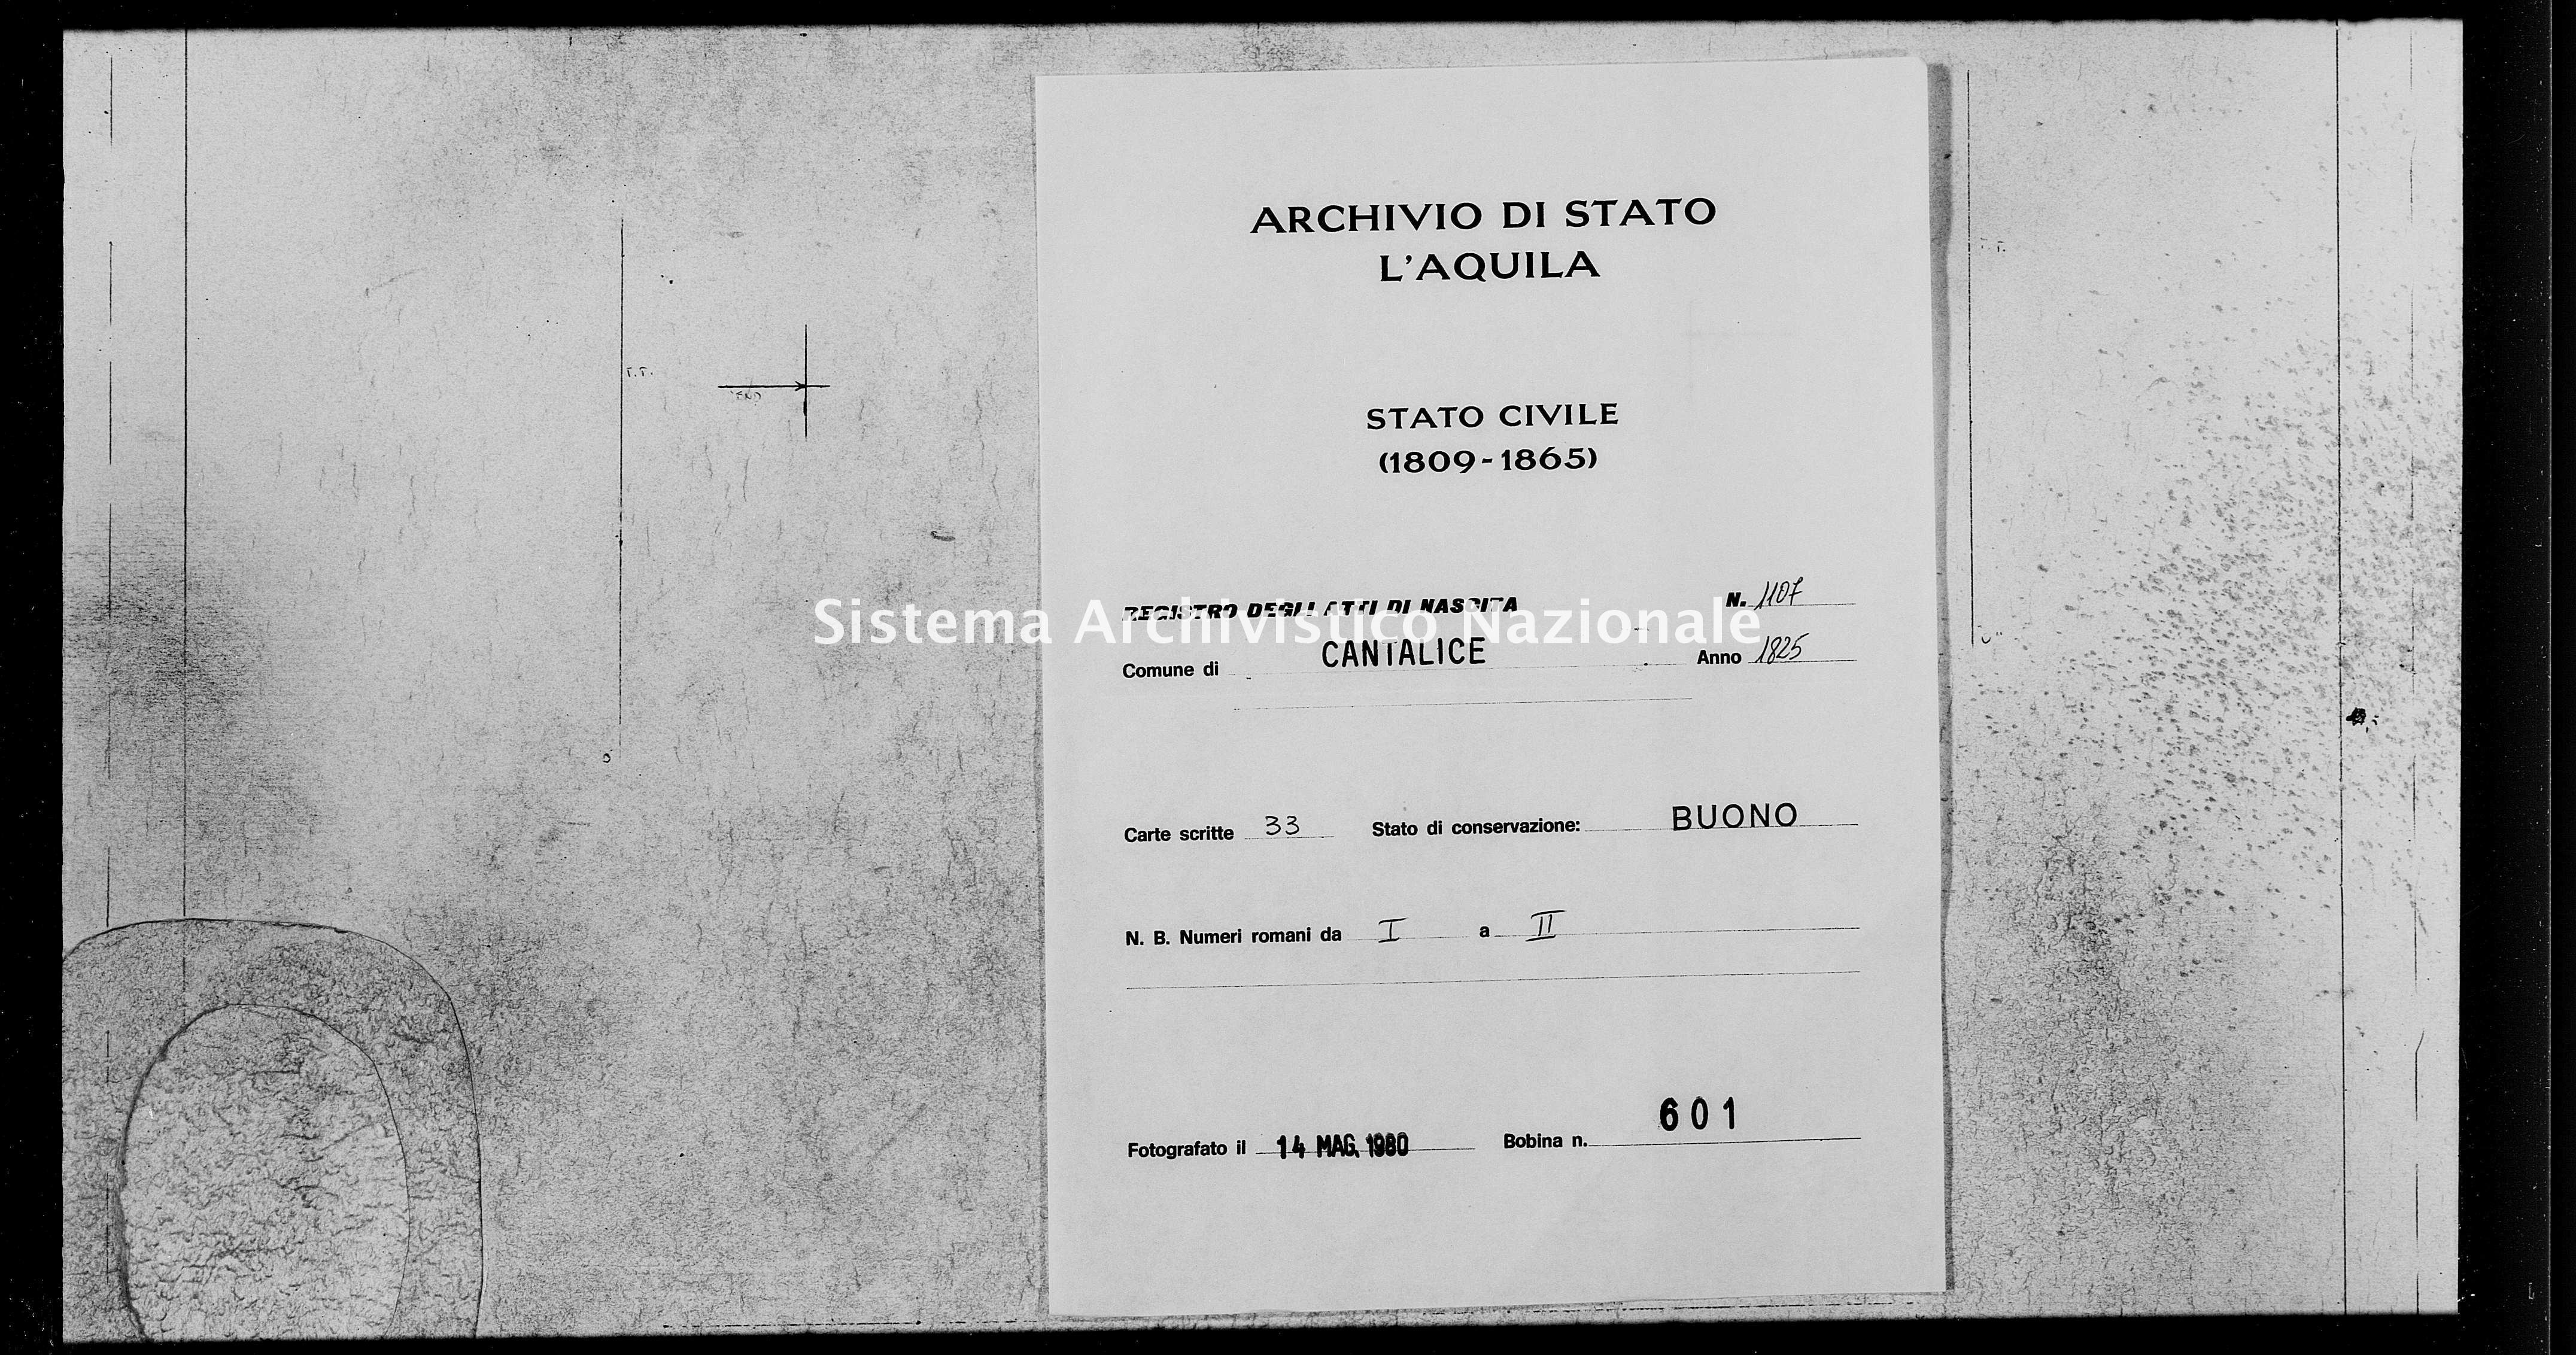 Archivio di stato di L'aquila - Stato civile della restaurazione - Cantalice - Nati - 1825 - 1107 -